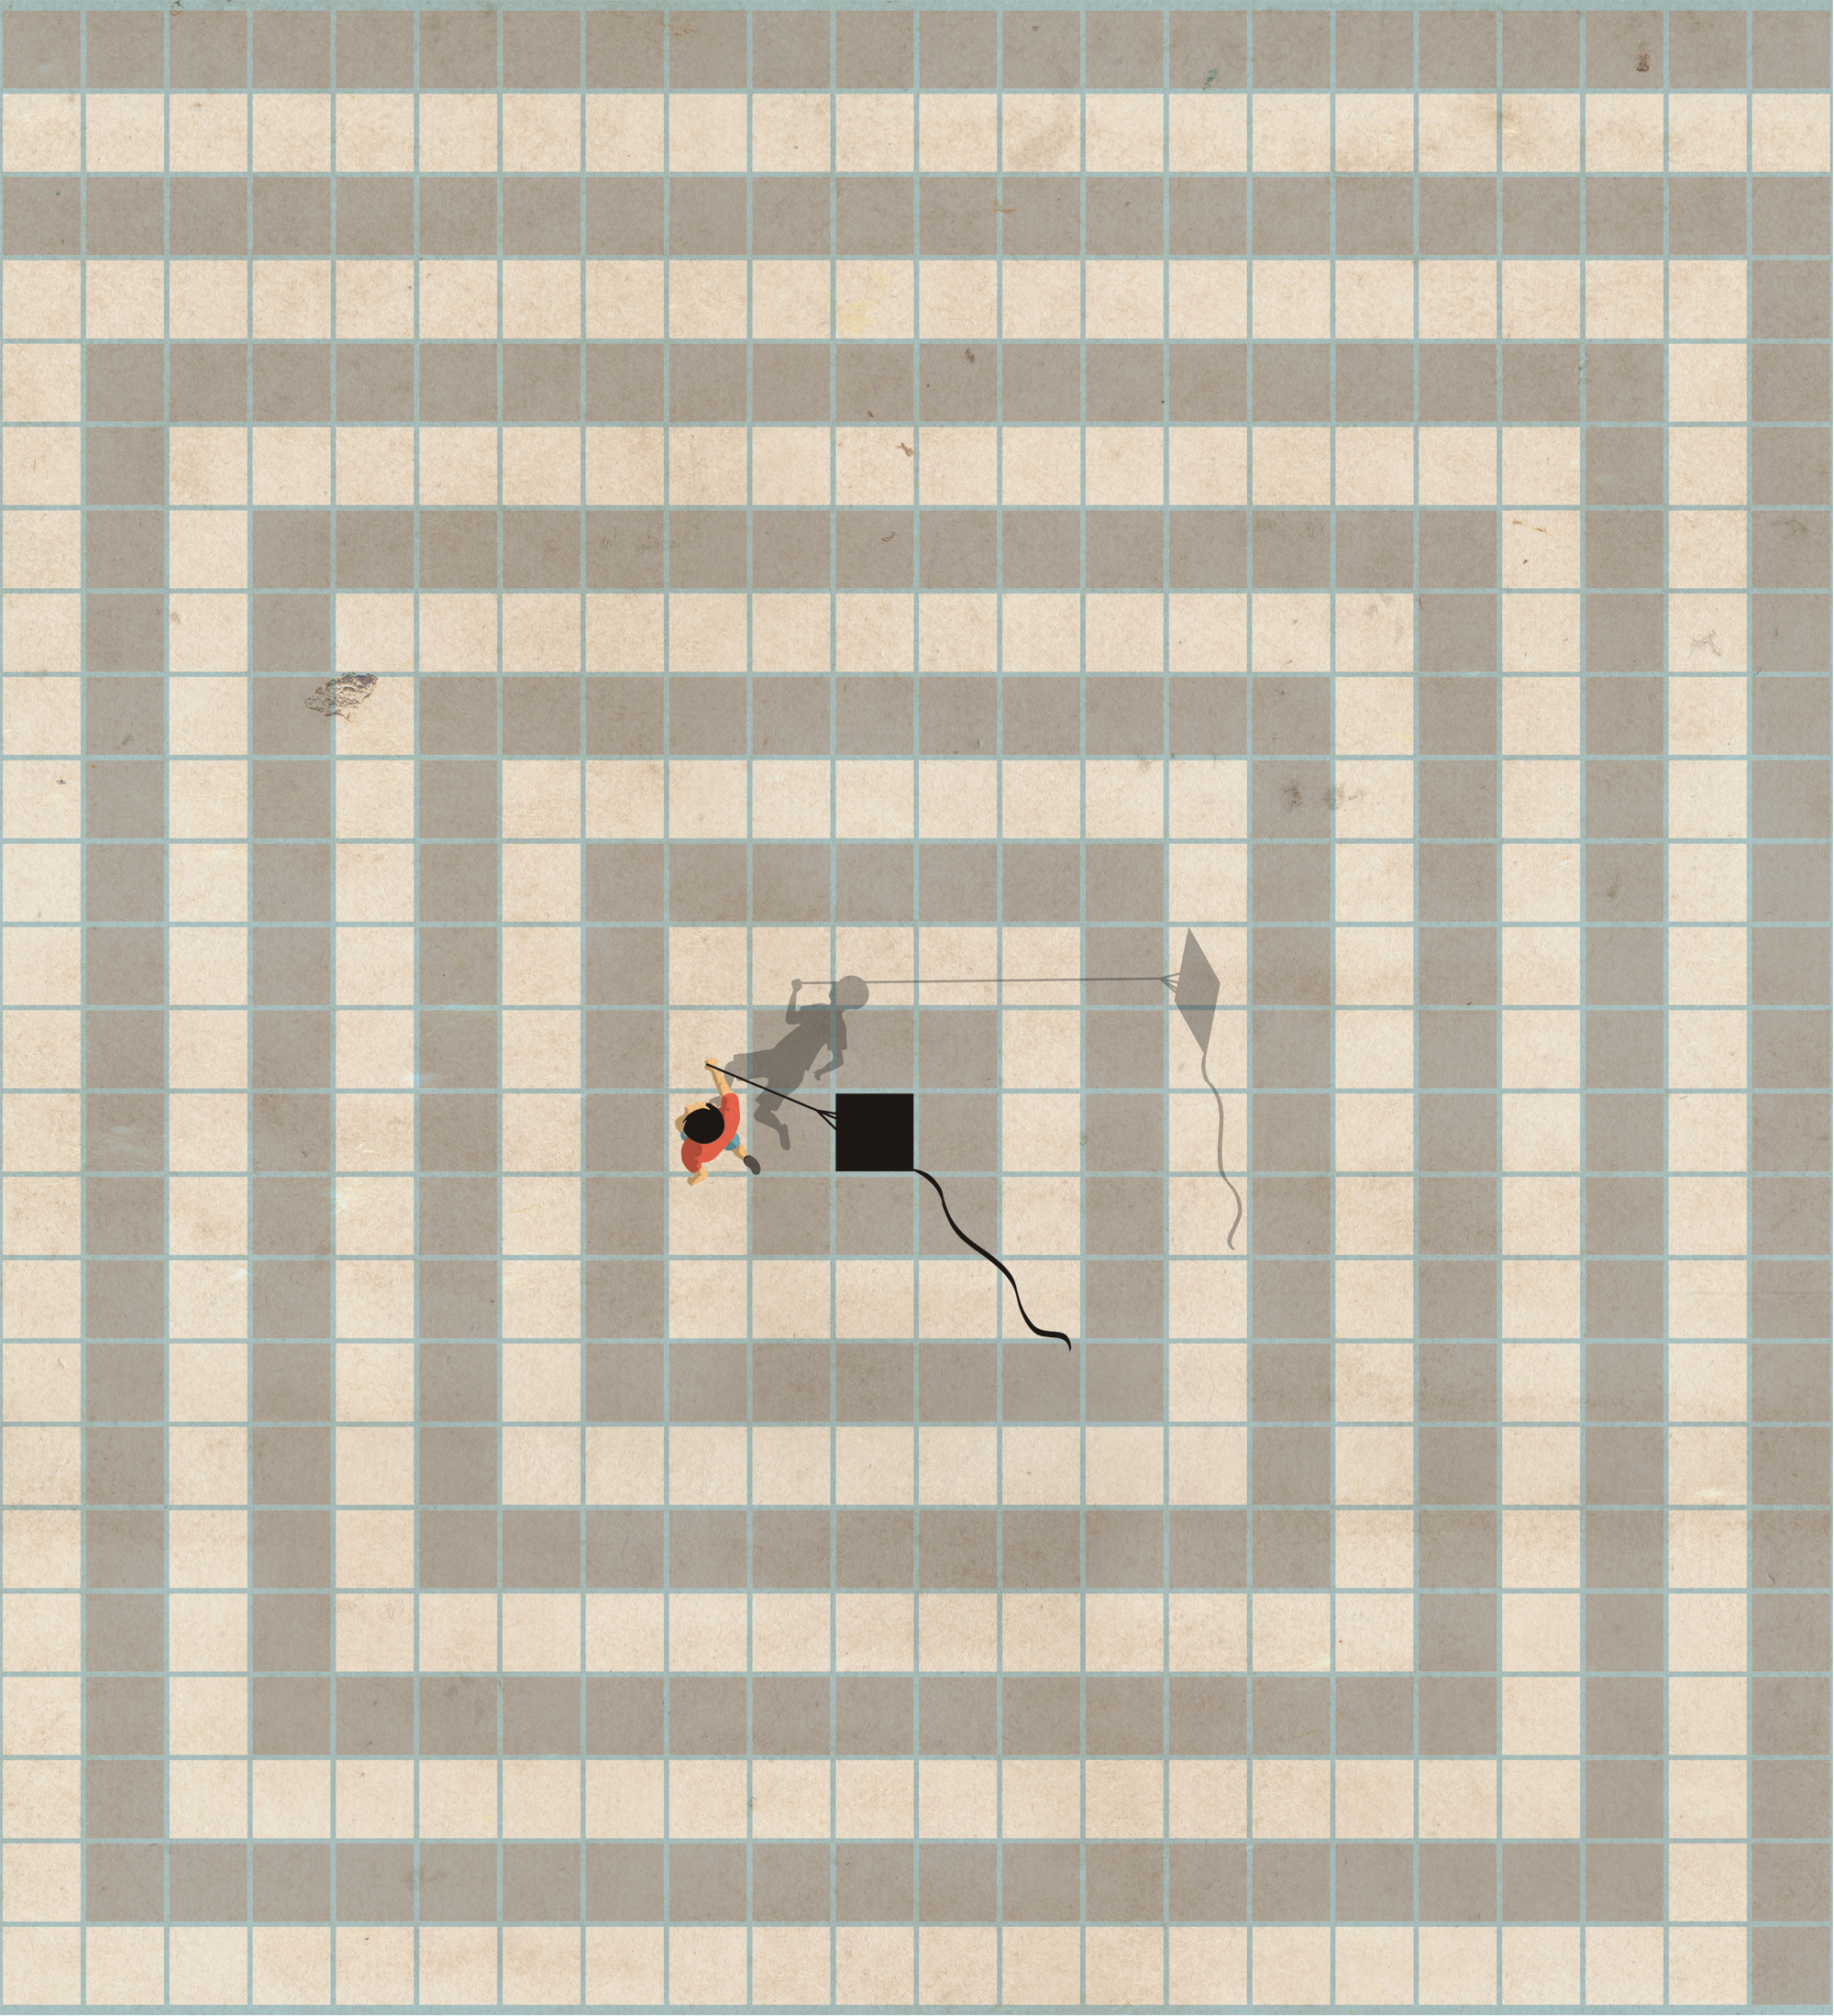 kite_mosaic